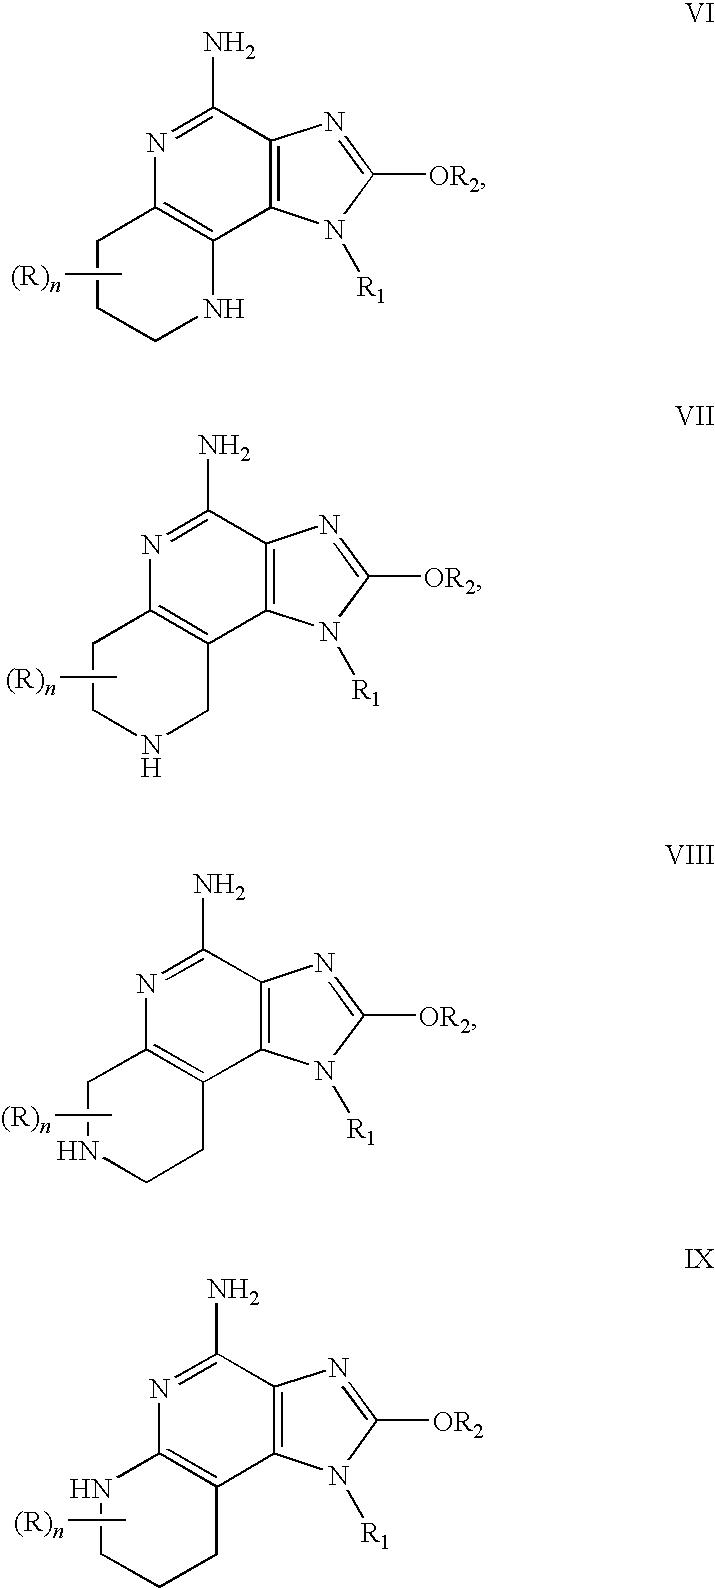 Figure US20090298821A1-20091203-C00107